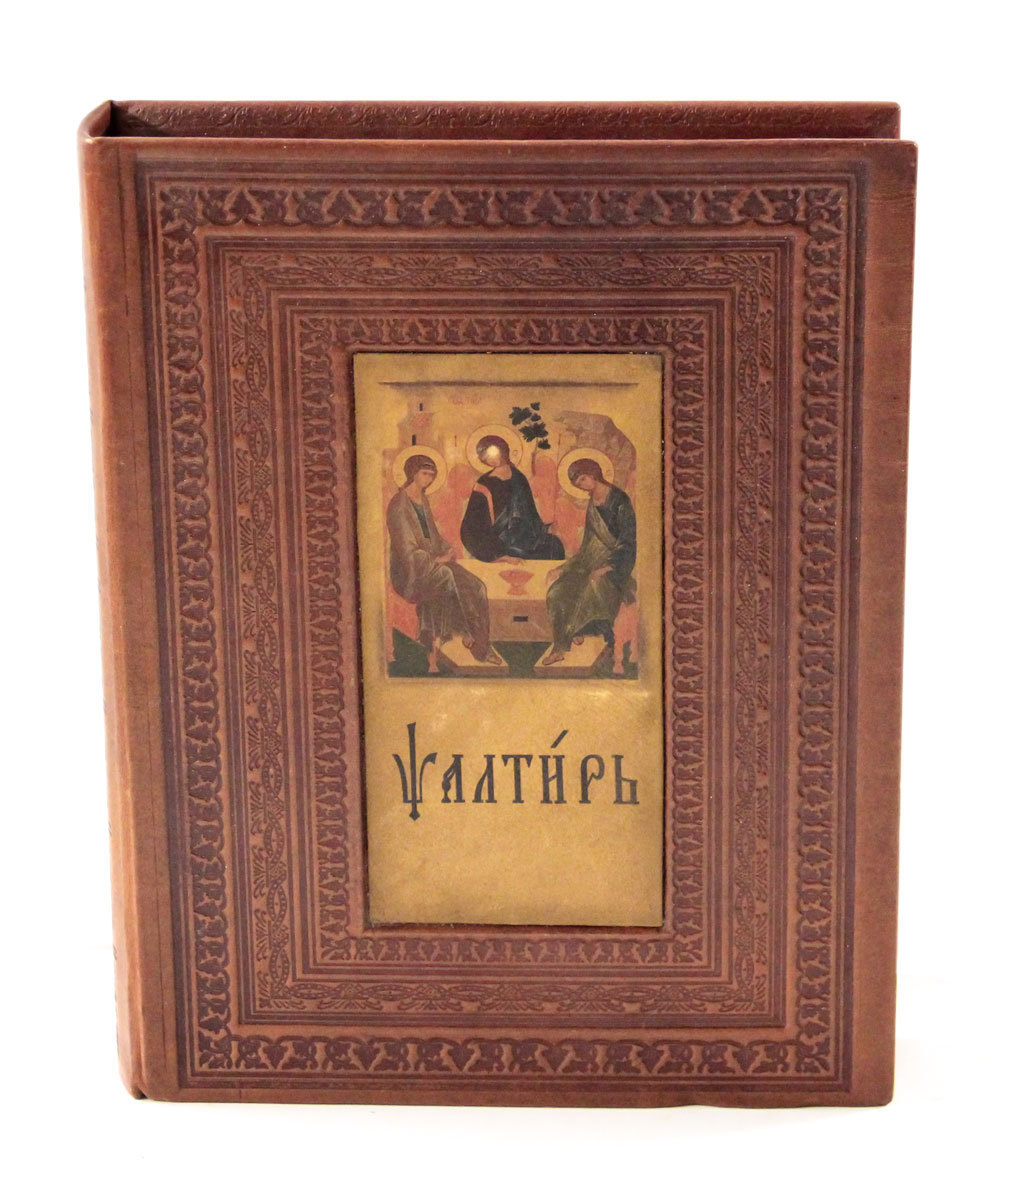 Как правильно читать псалтирь каждый день дома?